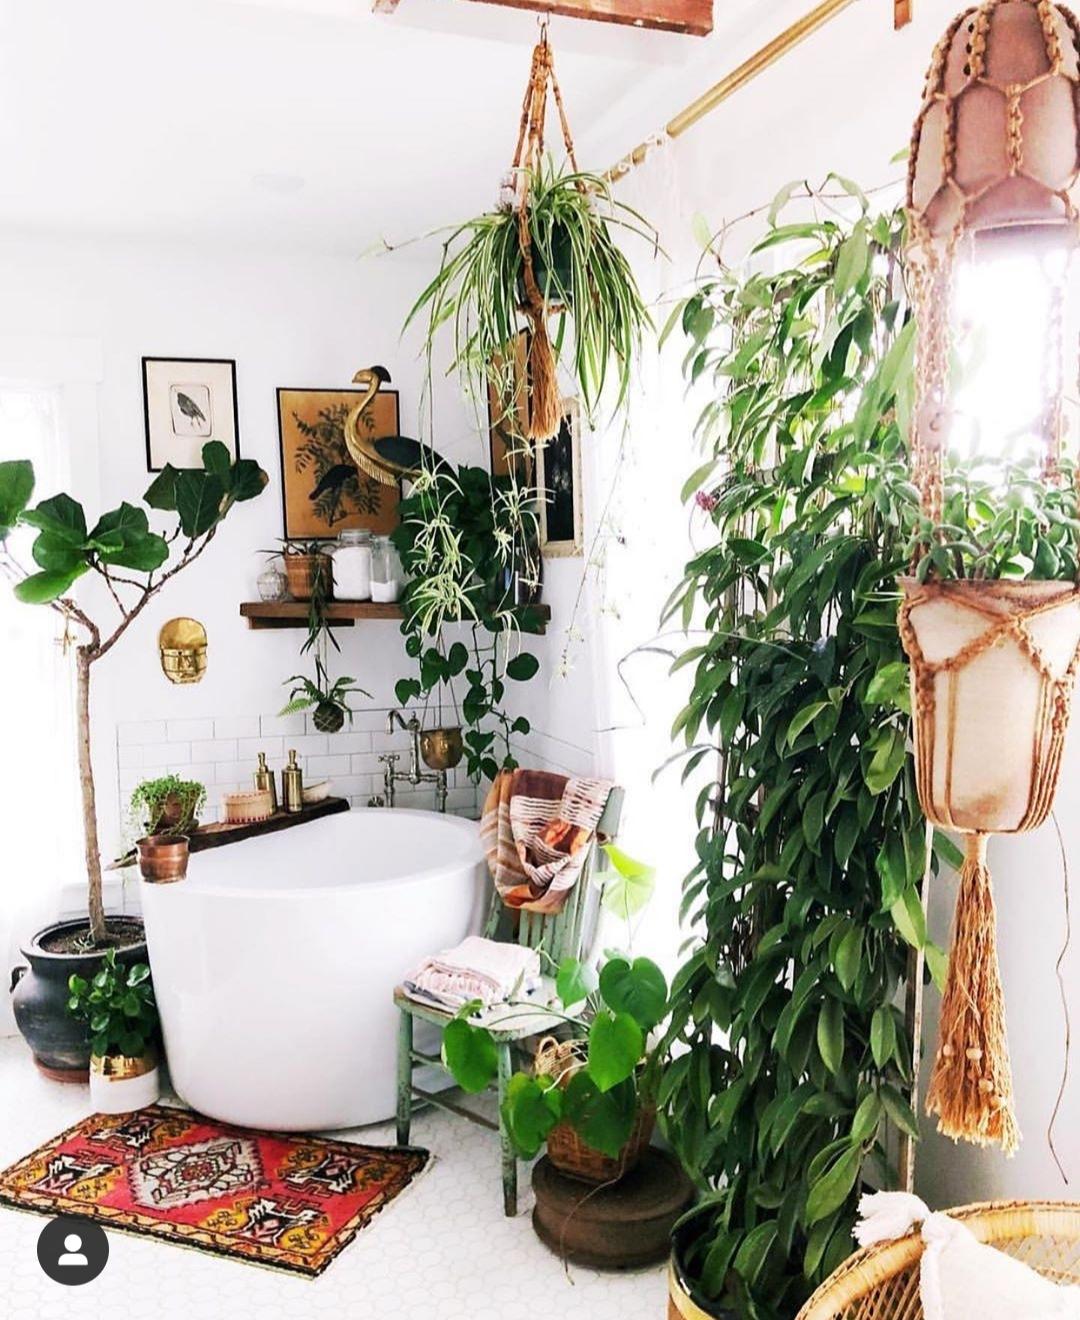 La tendencia es crear un oasis en el CUARTO DE BAÑO. Si la habitación tiene ventanas y luz natural es el espacio idóneo para helechos, esparragueras o hiedras variadas. Las Tillandsias y las Orquídeas también vivirán felices porque a todas les encanta la humedad. @theurbanjungle.